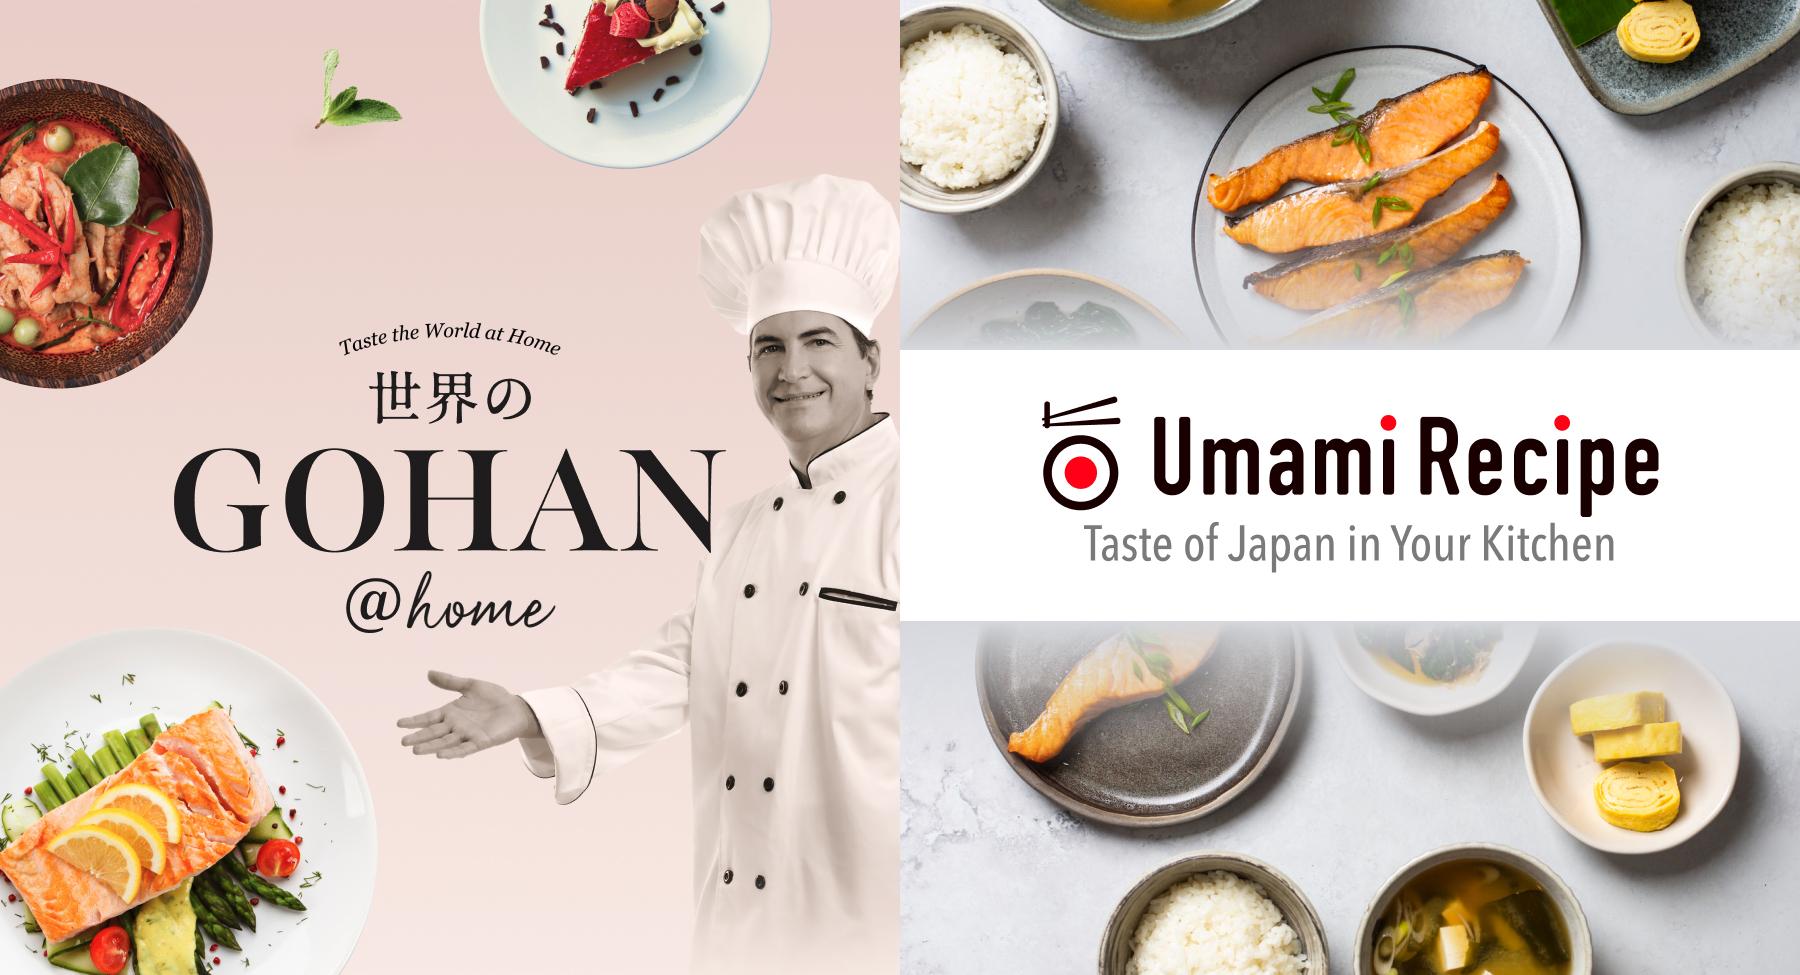 世界のGOHAN@homeとUmami Recipe